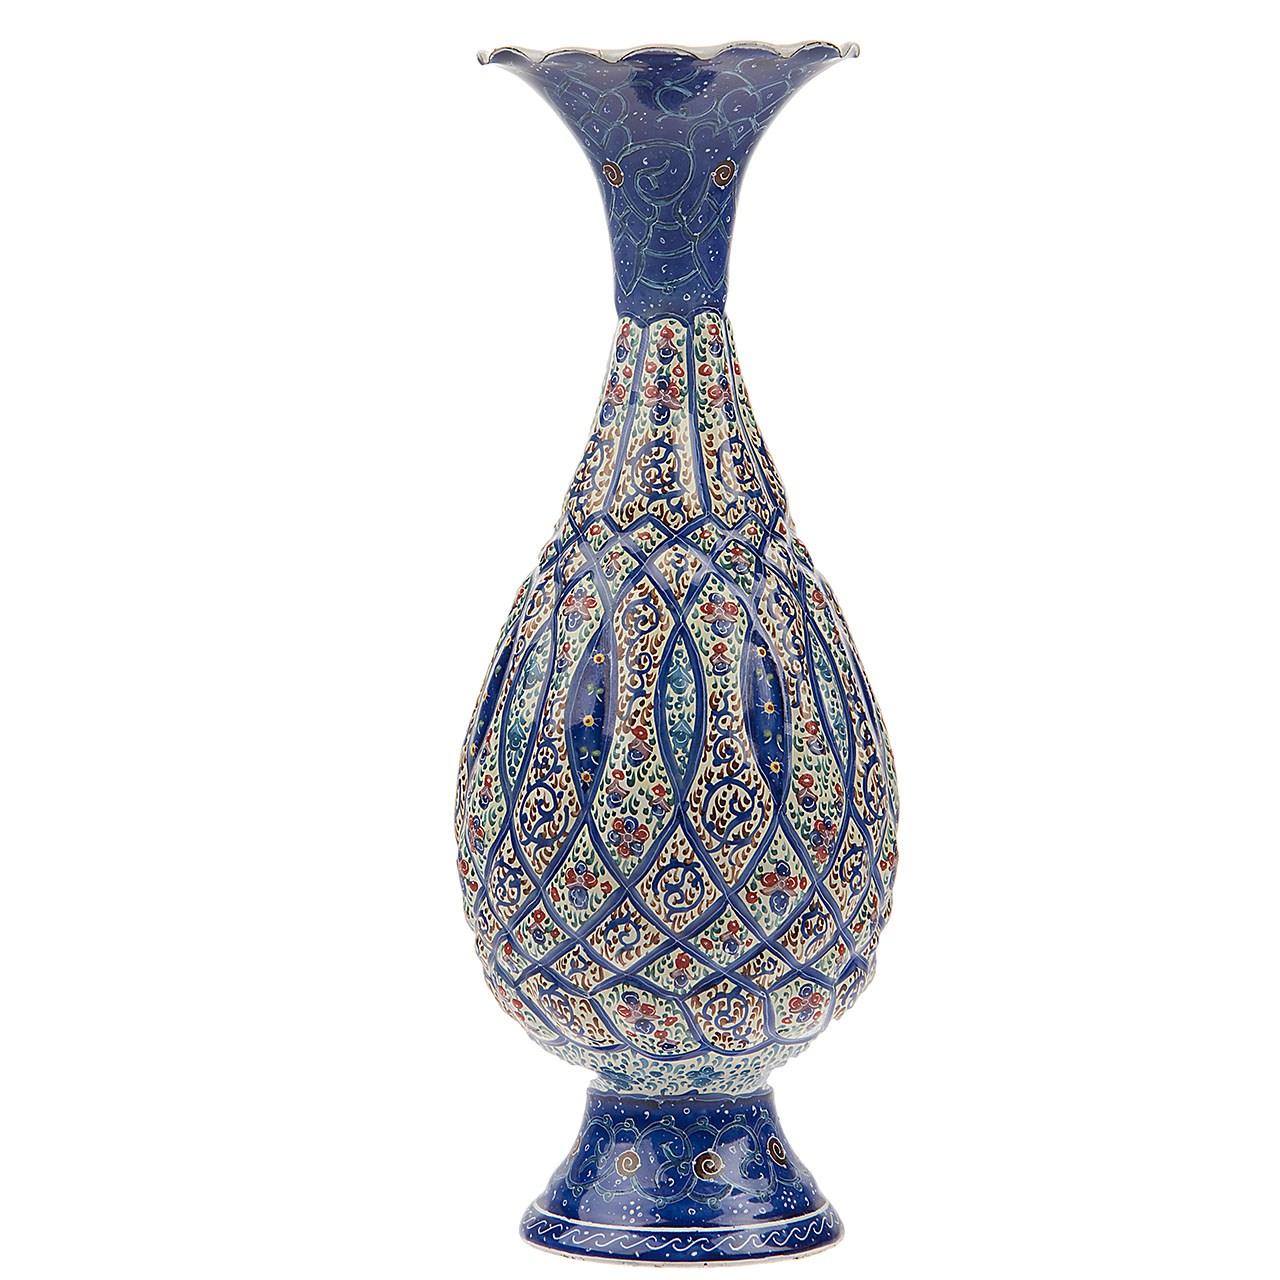 گلدان مسی میناکاری شده اثر شیرازی طرح 2 ارتفاع 20 سانتی متر